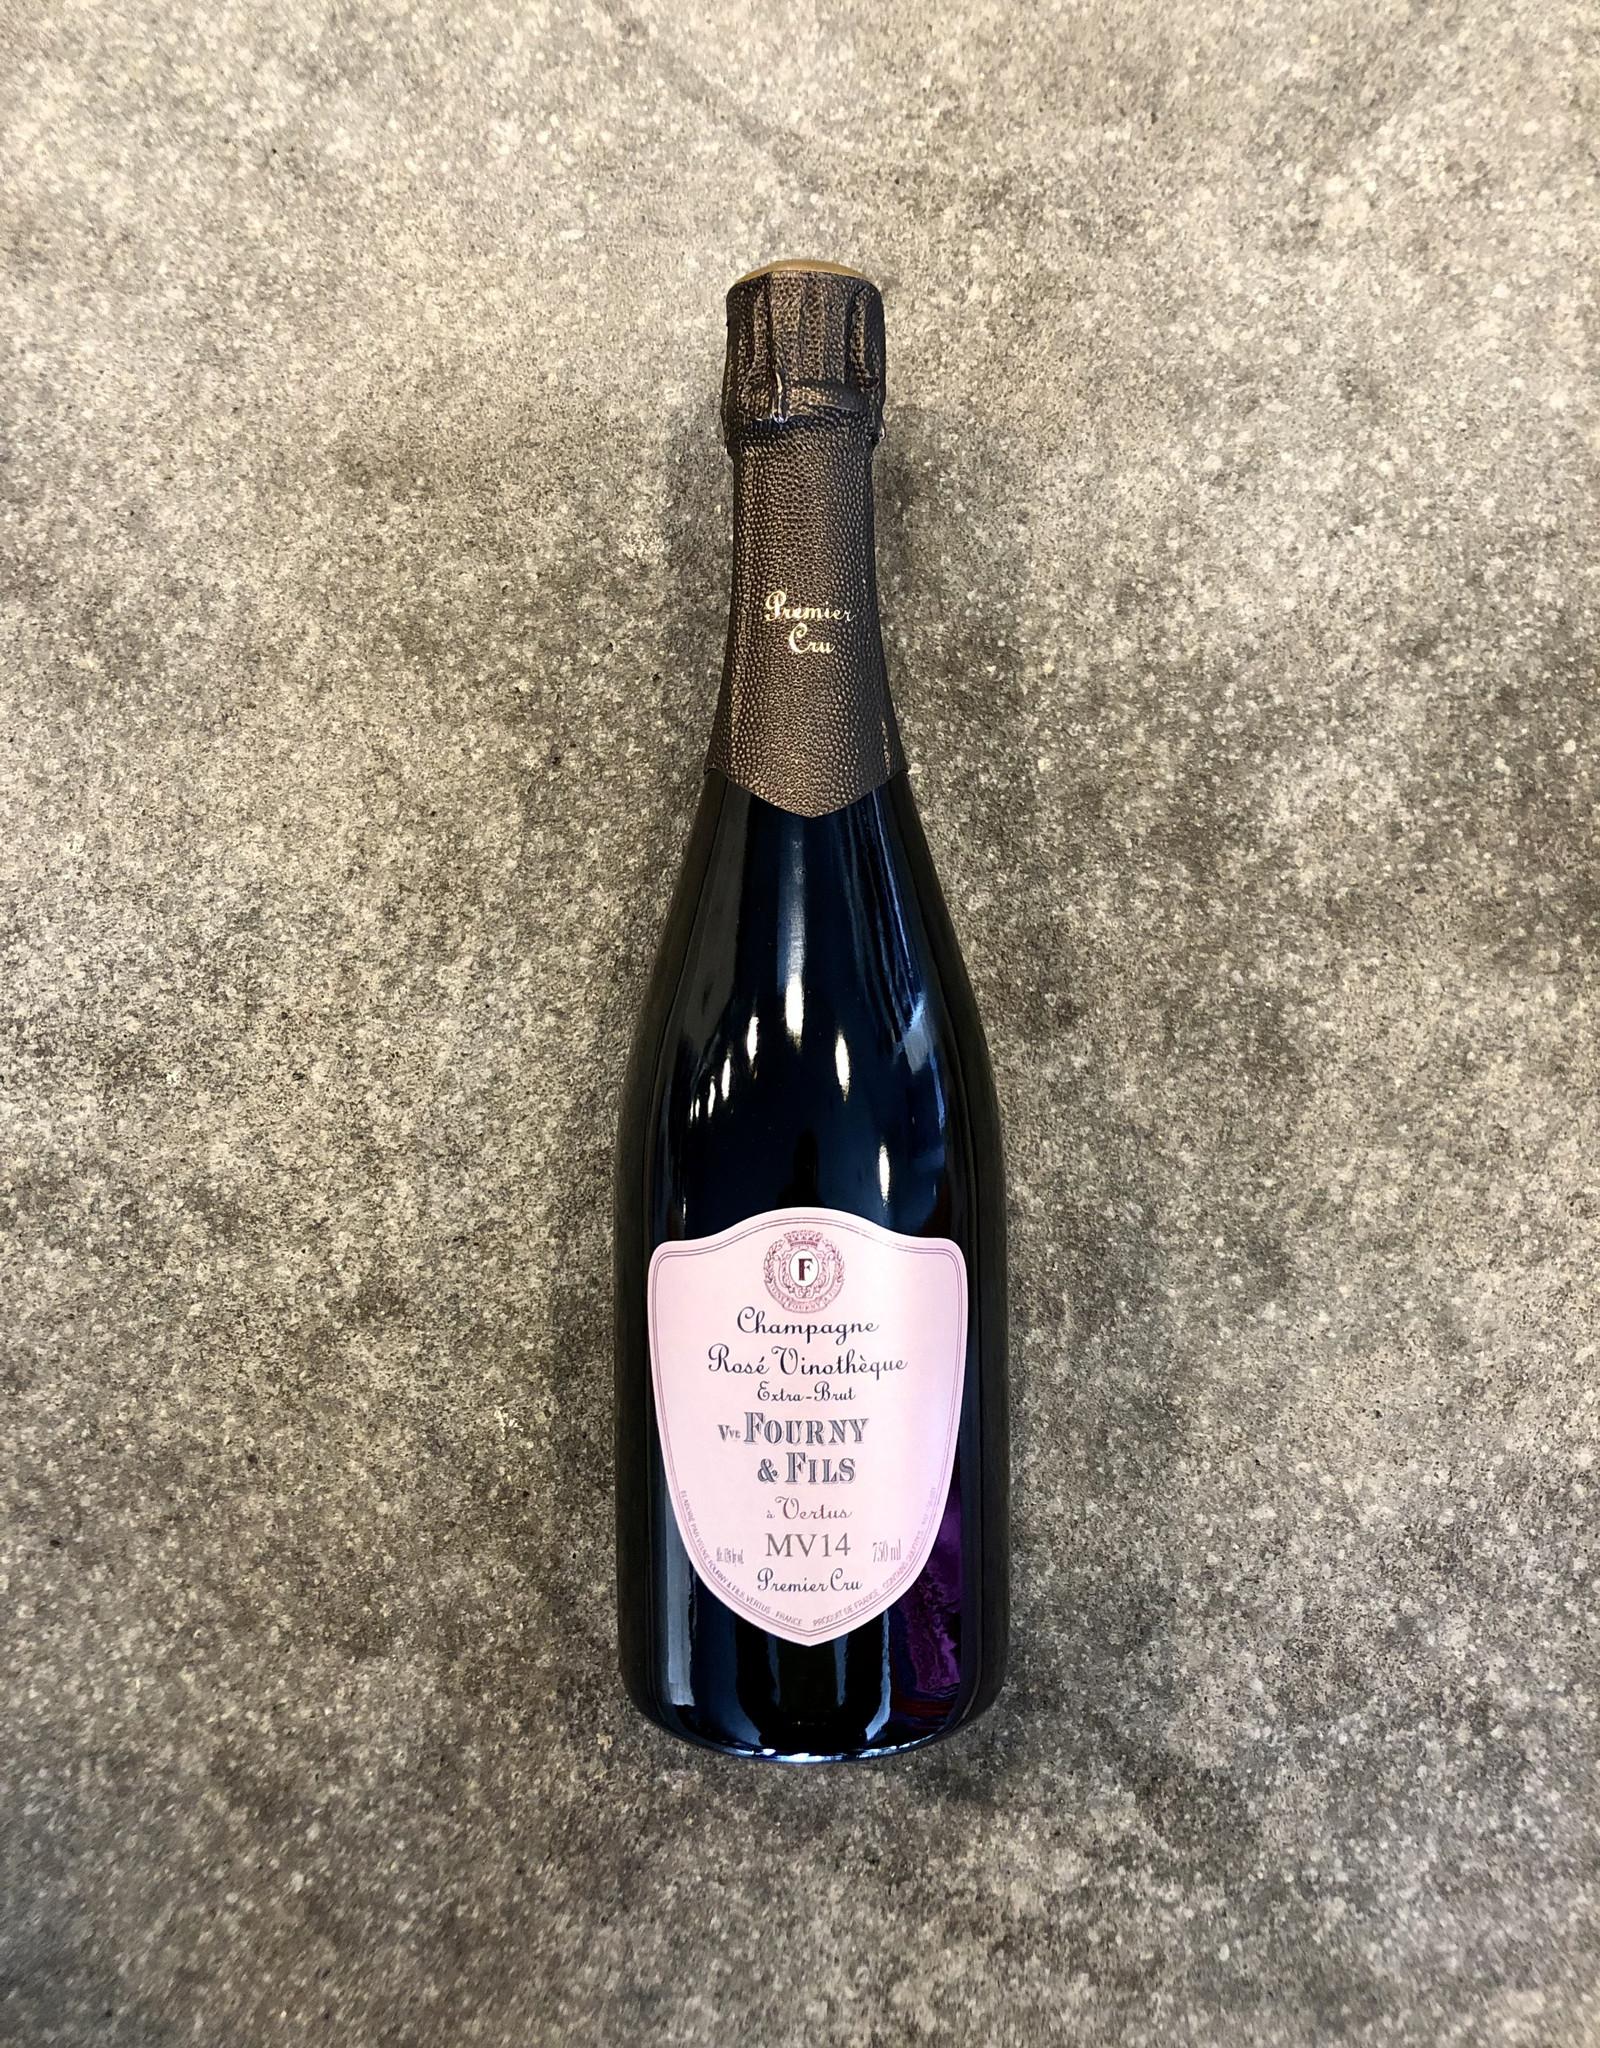 Champagne Veuve Fourny Rosé Vinothéque Extra Brut MV 14